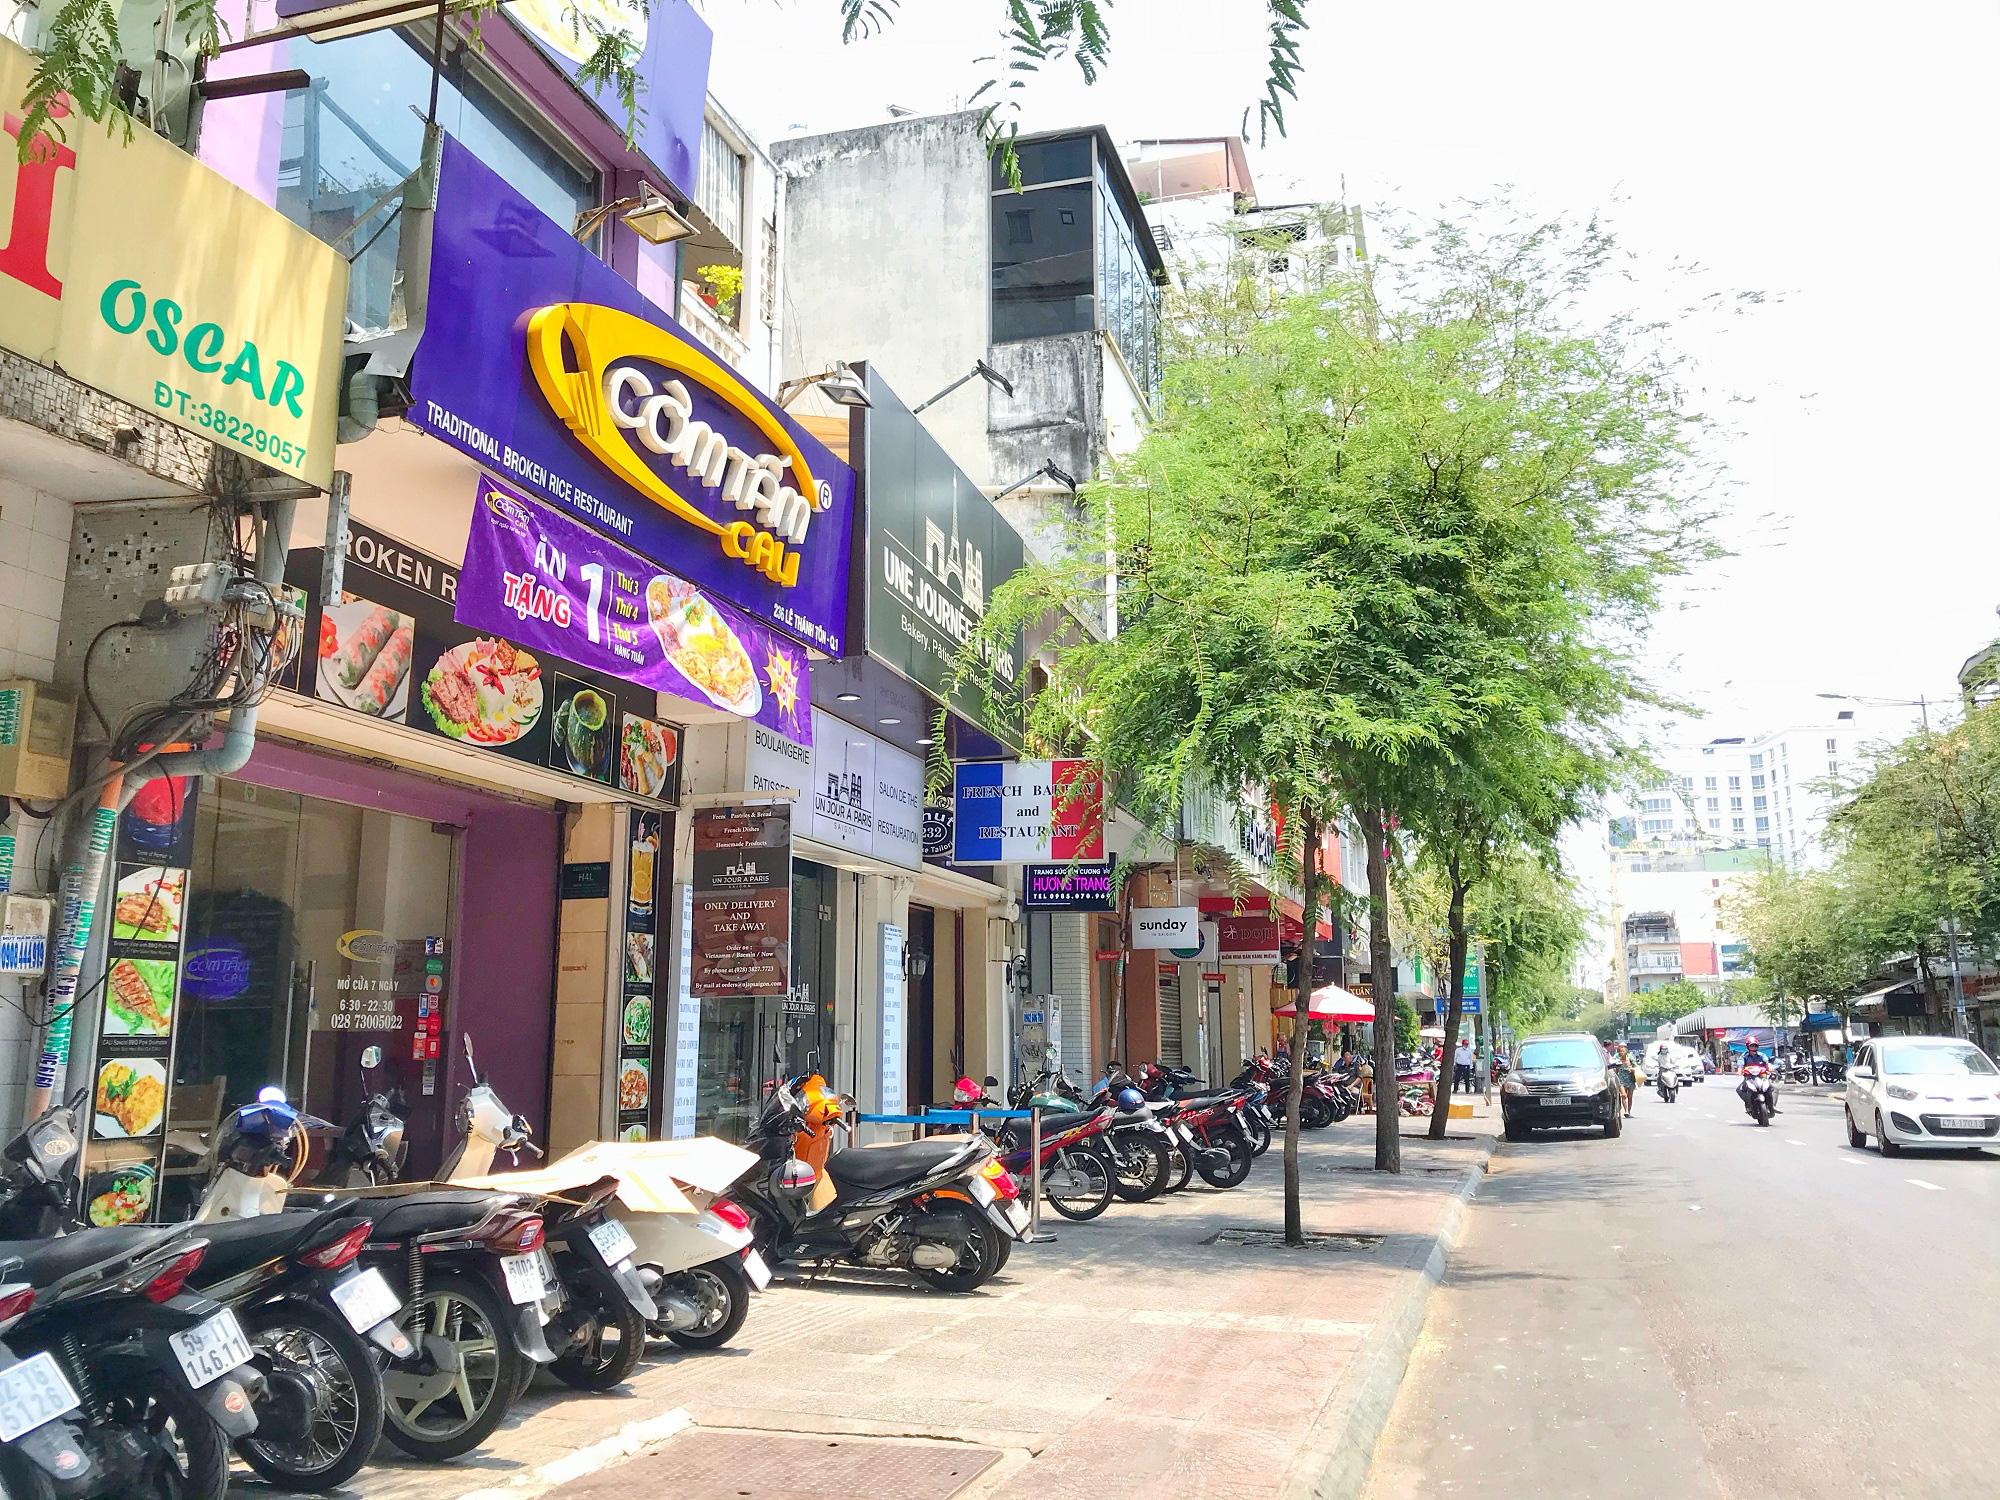 Các điểm du lịch tại TP.HCM vắng hoàn toàn sau quyết định dừng nhập cảnh người nước ngoài vào Việt Nam - Ảnh 6.